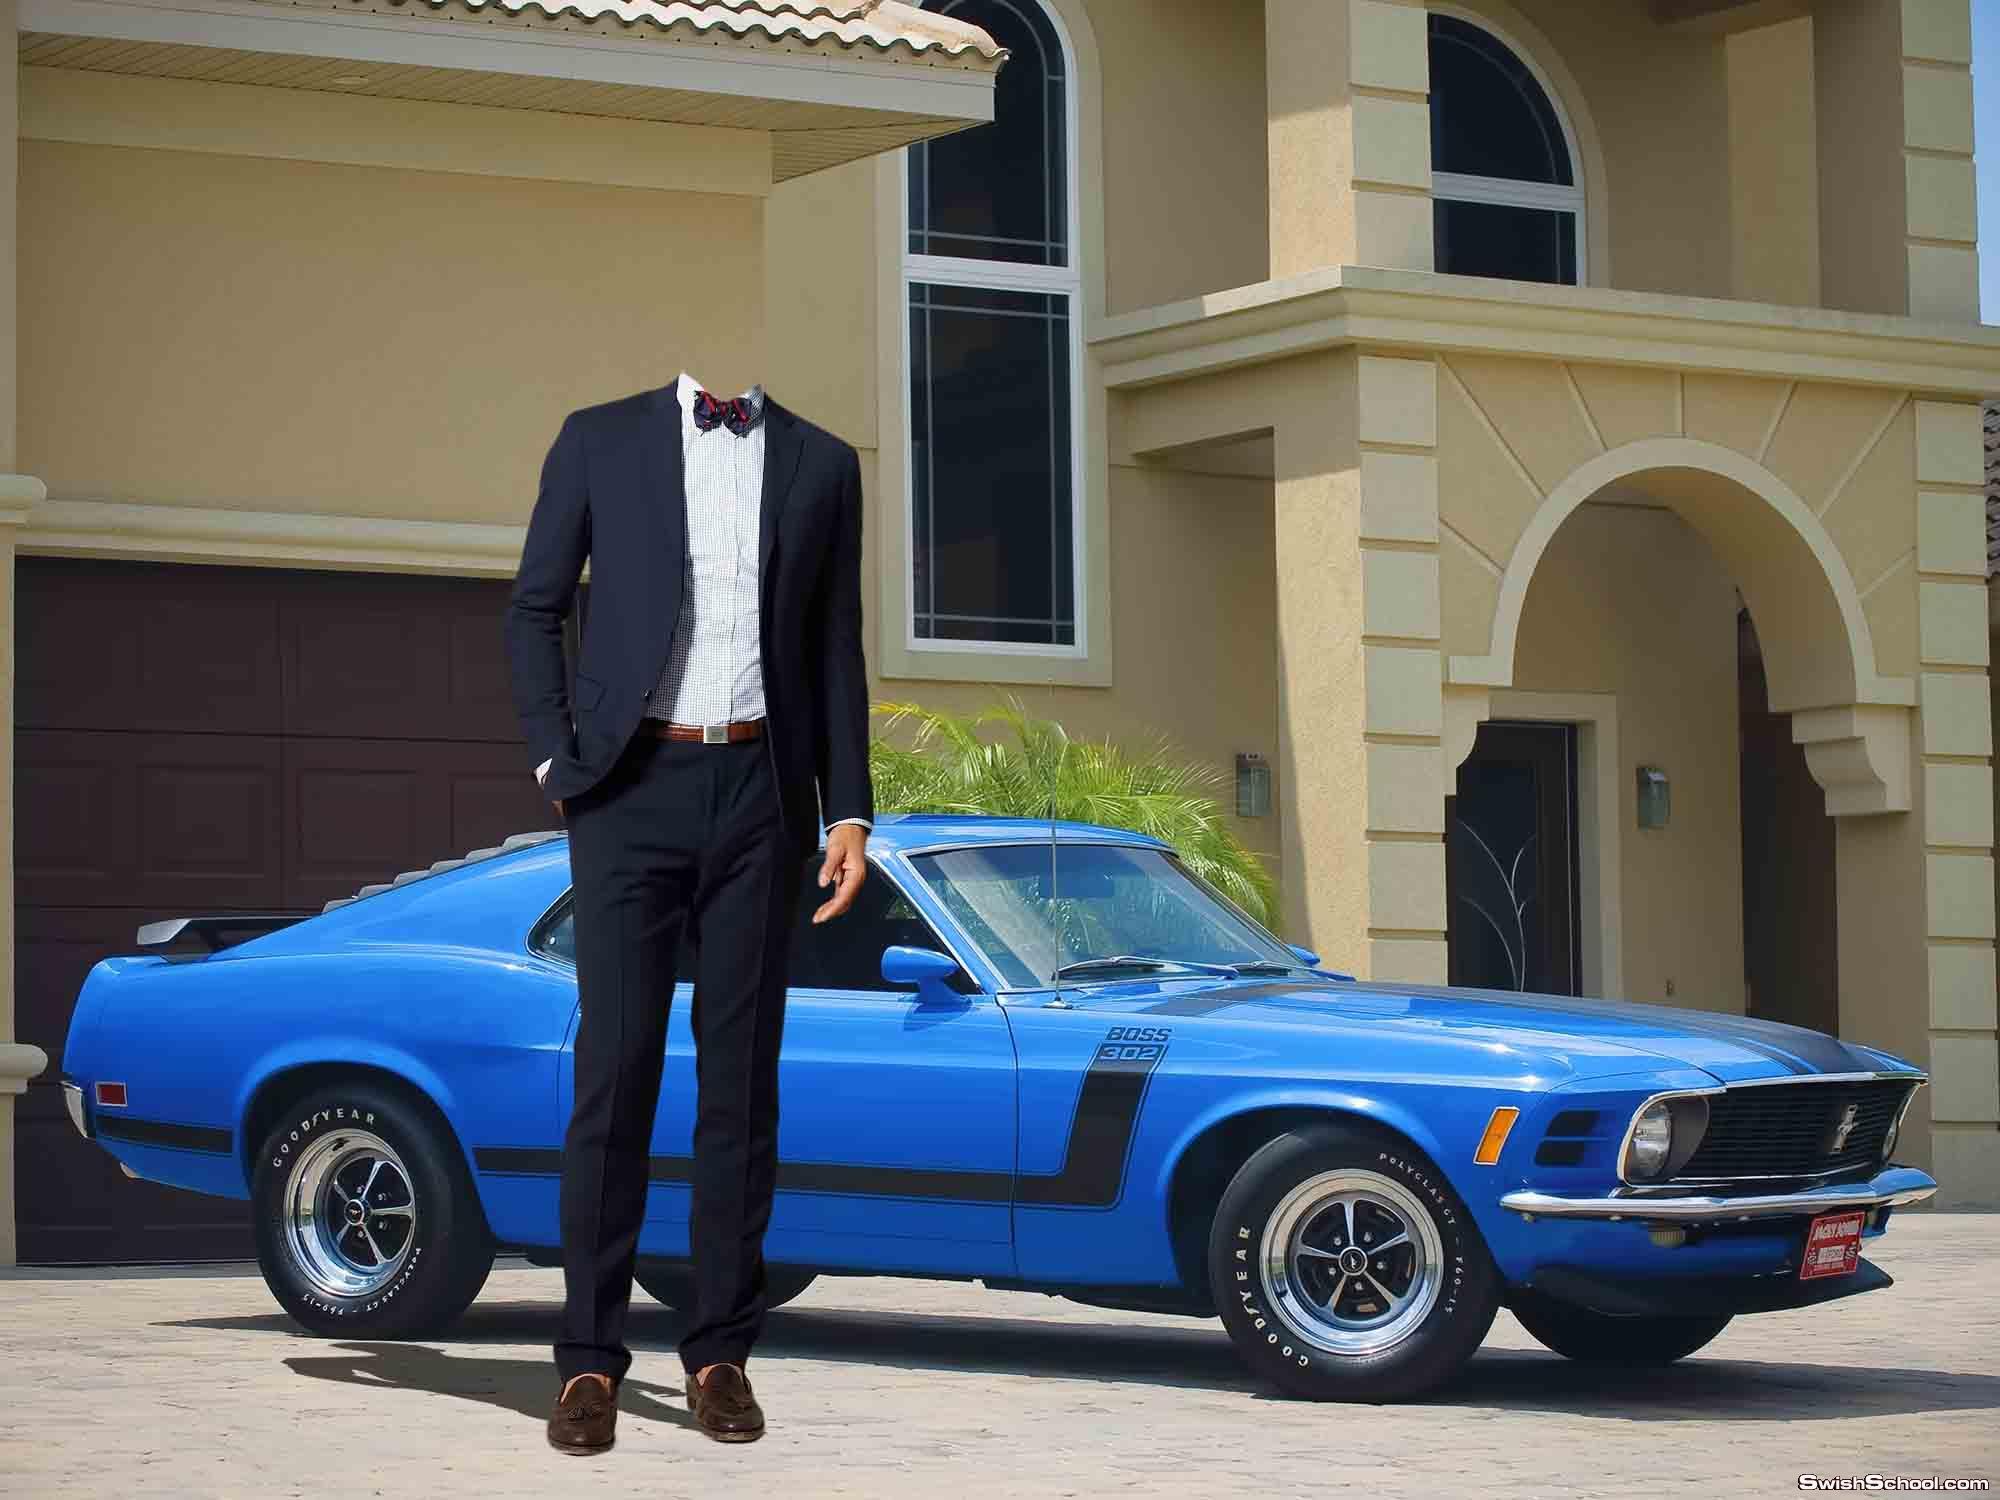 قالب لراجل بجوار سيارة زرقاء رائعة جدا